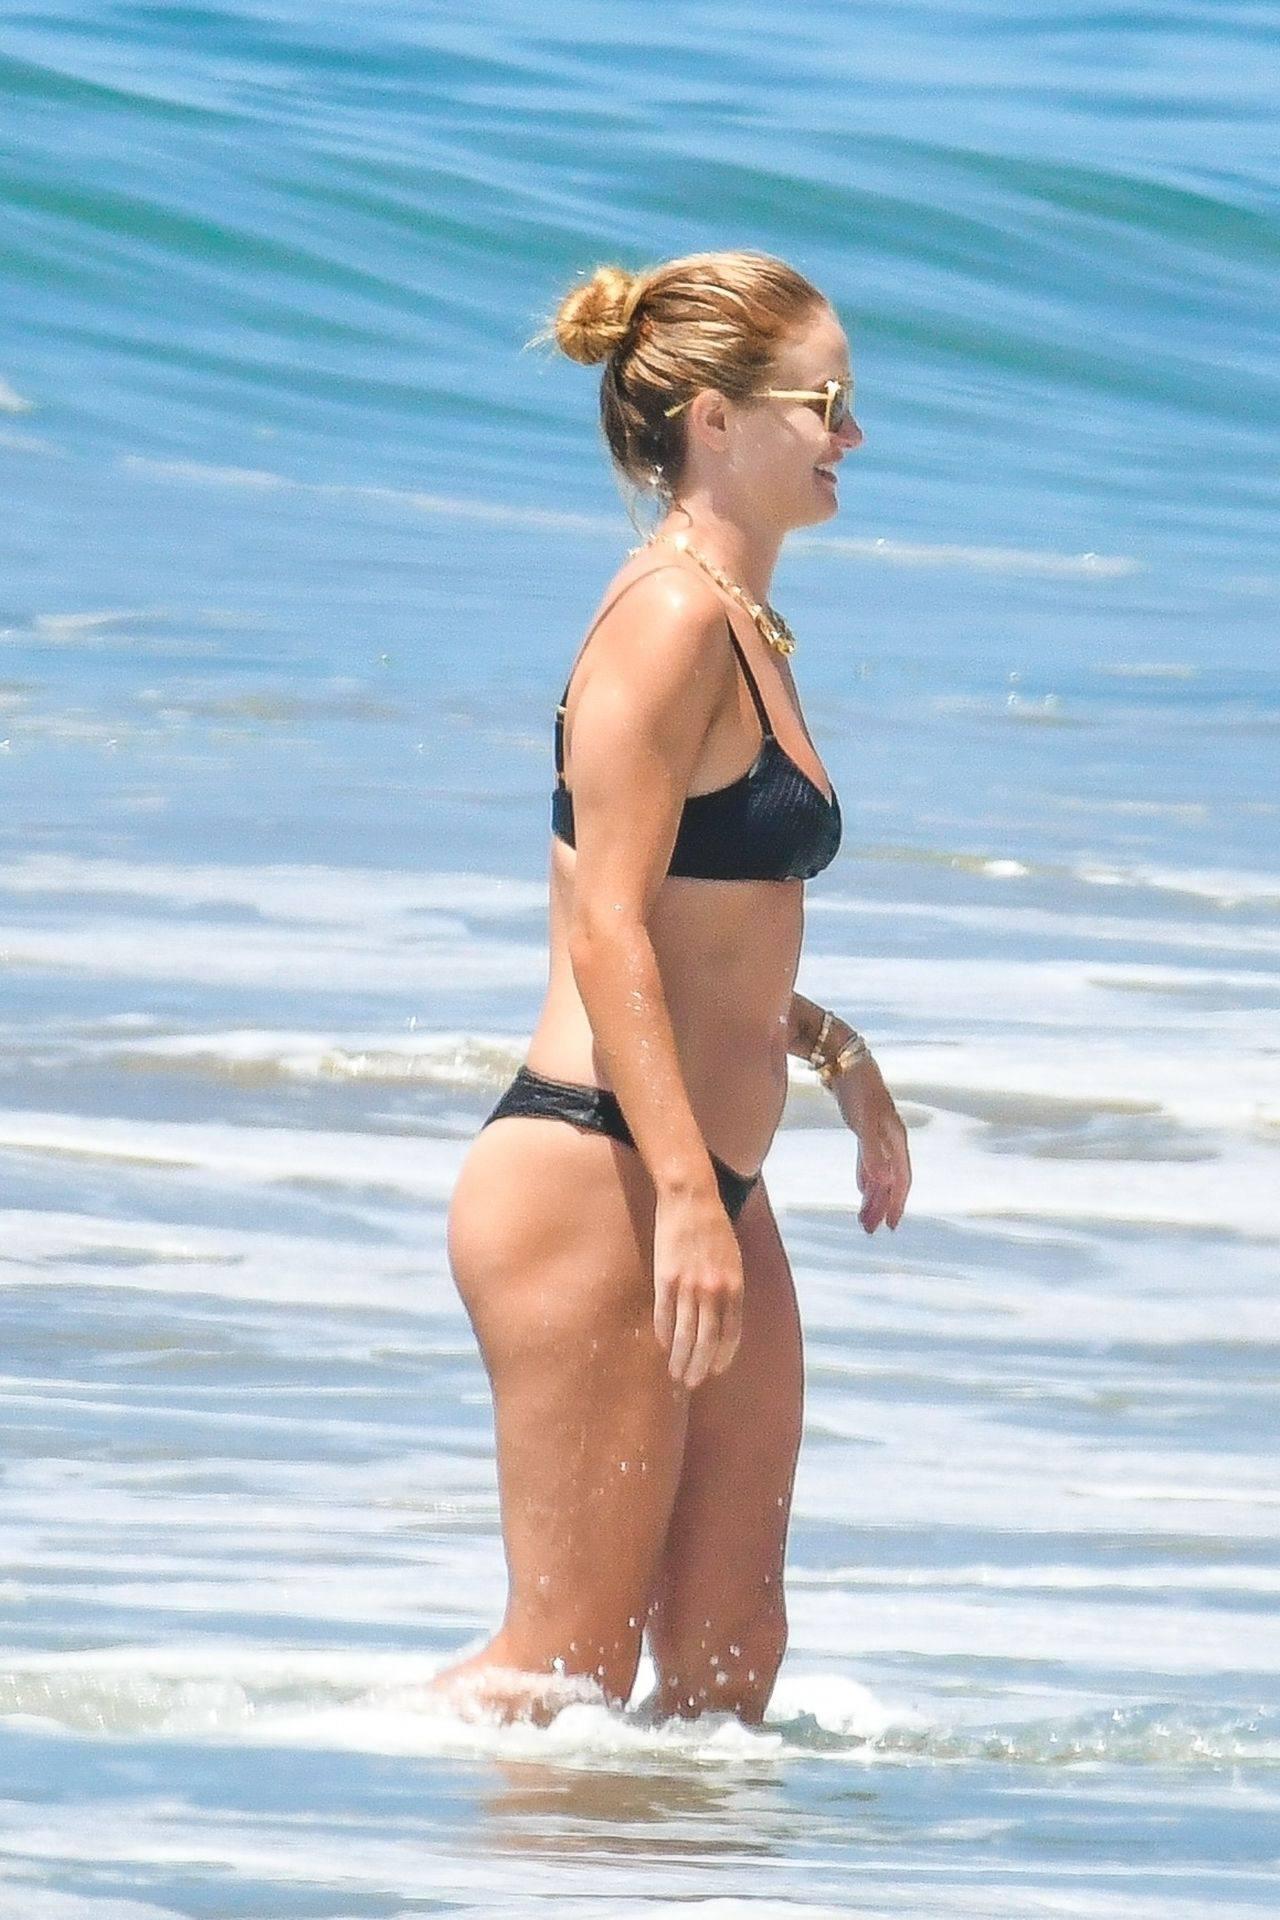 Rosie Huntington Whiteley – Beautiful Ass In Thong Bikini In Malibu 0024